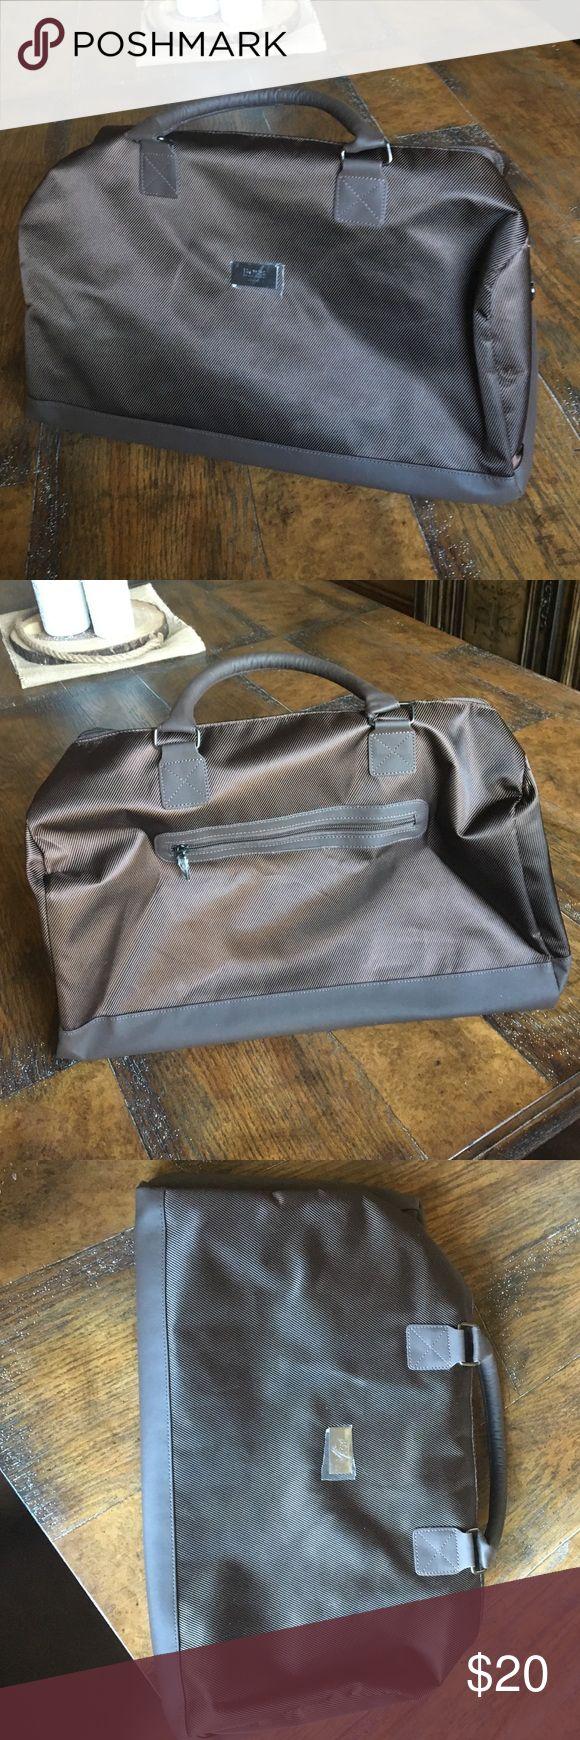 BRAND NEW Boss Men's Overnight Bag Brand New Men's Boss overnight bag Boss Bags